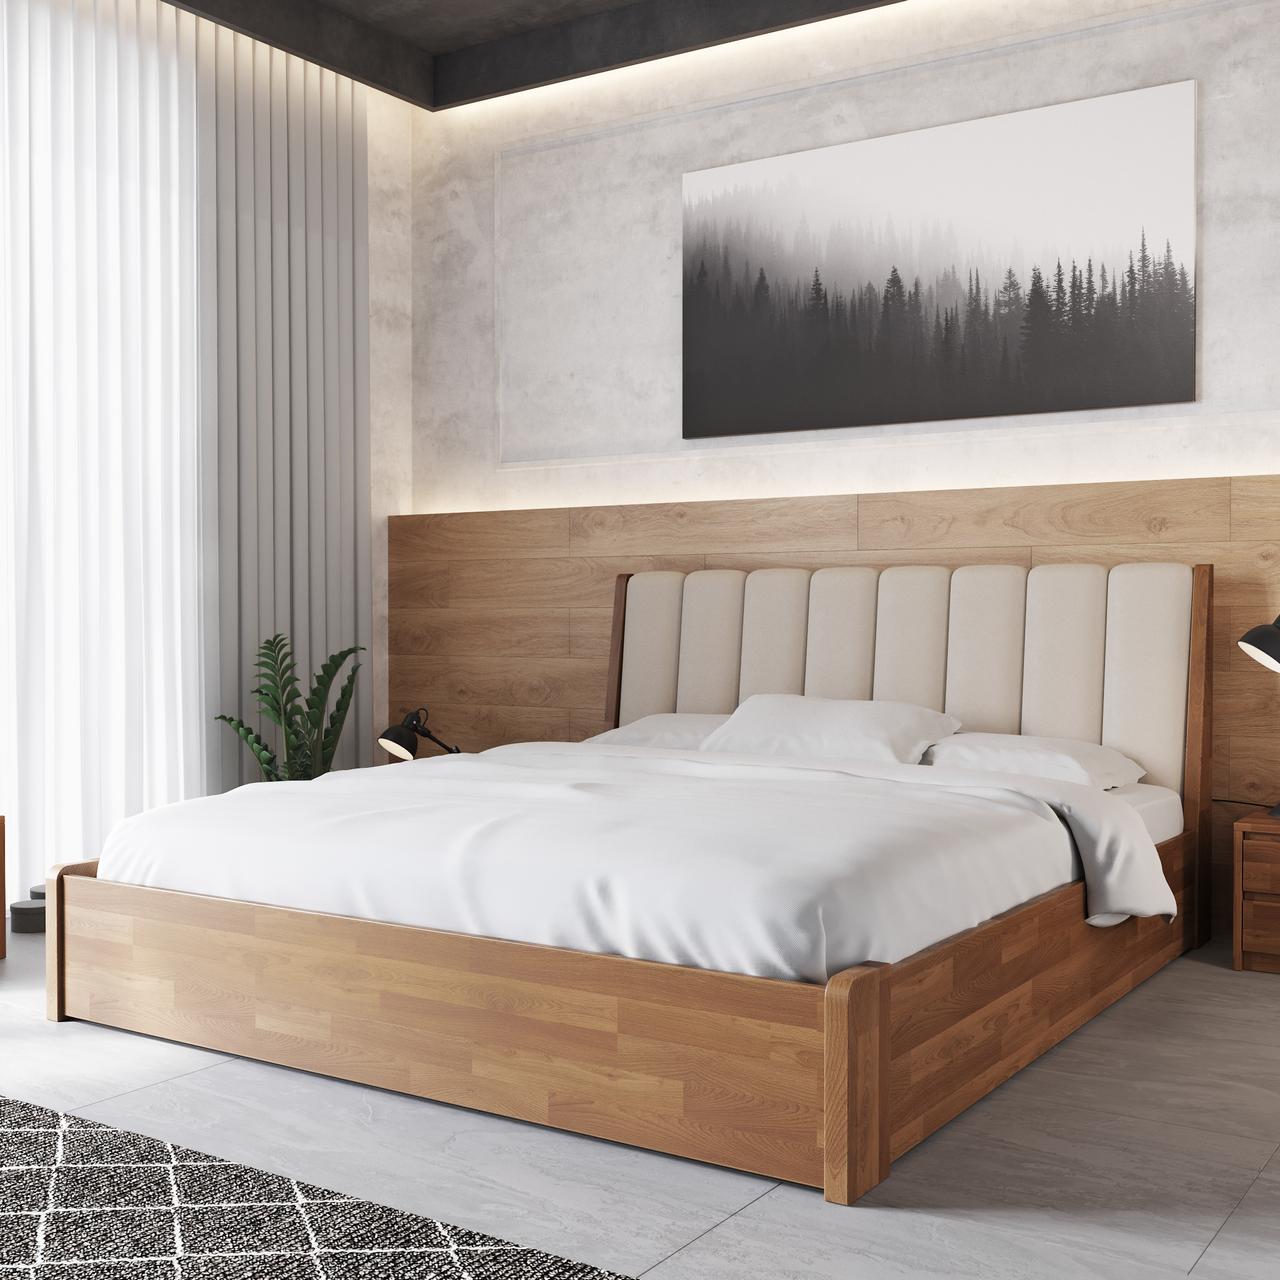 Кровать деревянная Токио 50 с подъемным механизмом односпальная массив бука